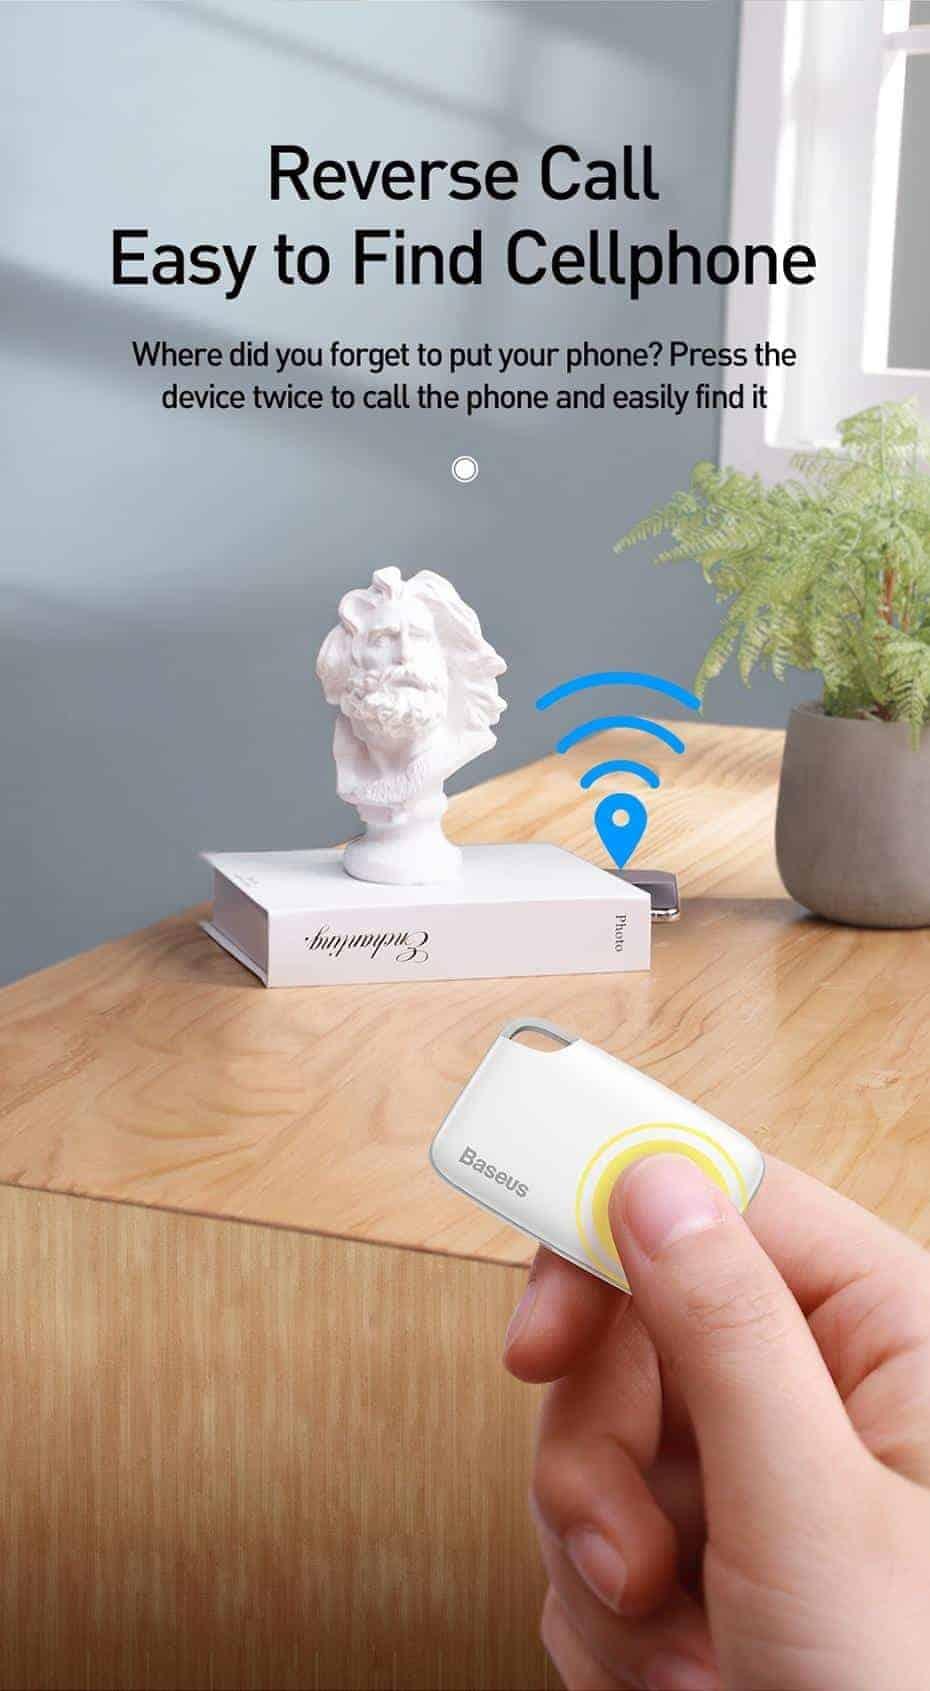 Thiết bị theo dõi thông minh hai chiều Baseus Smart Tracker T1 kết nối Bluetooth chống mất đồ, định vị GPS